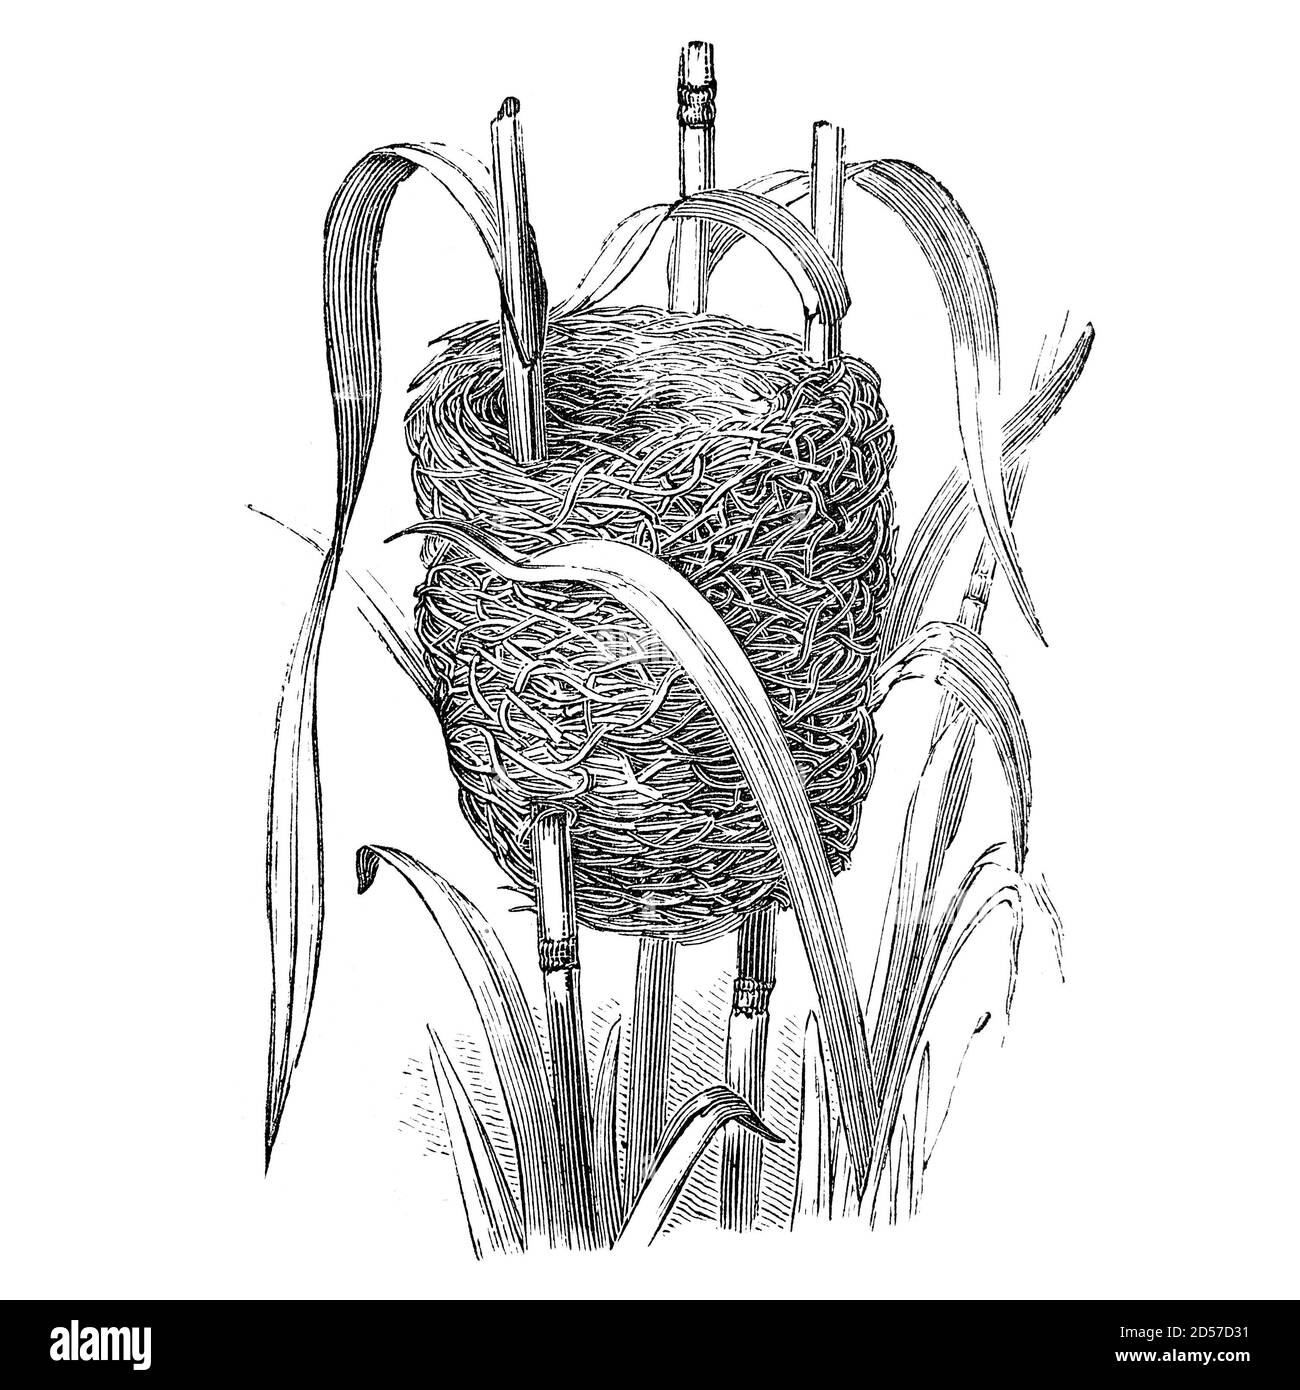 Nido de junco de aves, ilustración vintage. Obtenido del libro antiguo 'The Playtime Naturalist' del Dr. J.E. Taylor, publicado en Londres, Reino Unido, 1889. Foto de stock